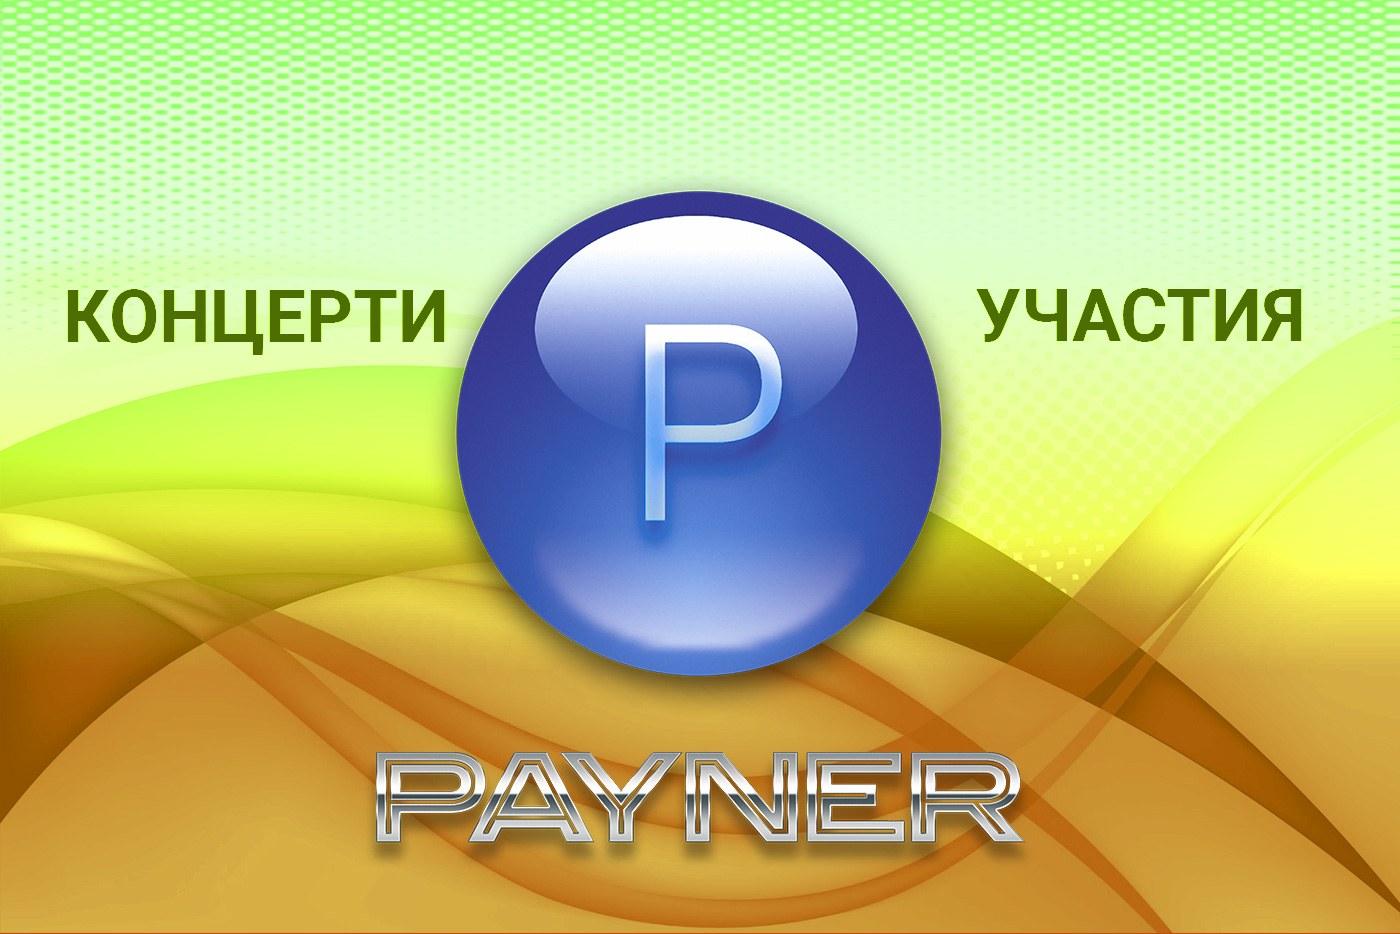 """Участия на звездите на """"Пайнер"""" на 18.11.2018"""